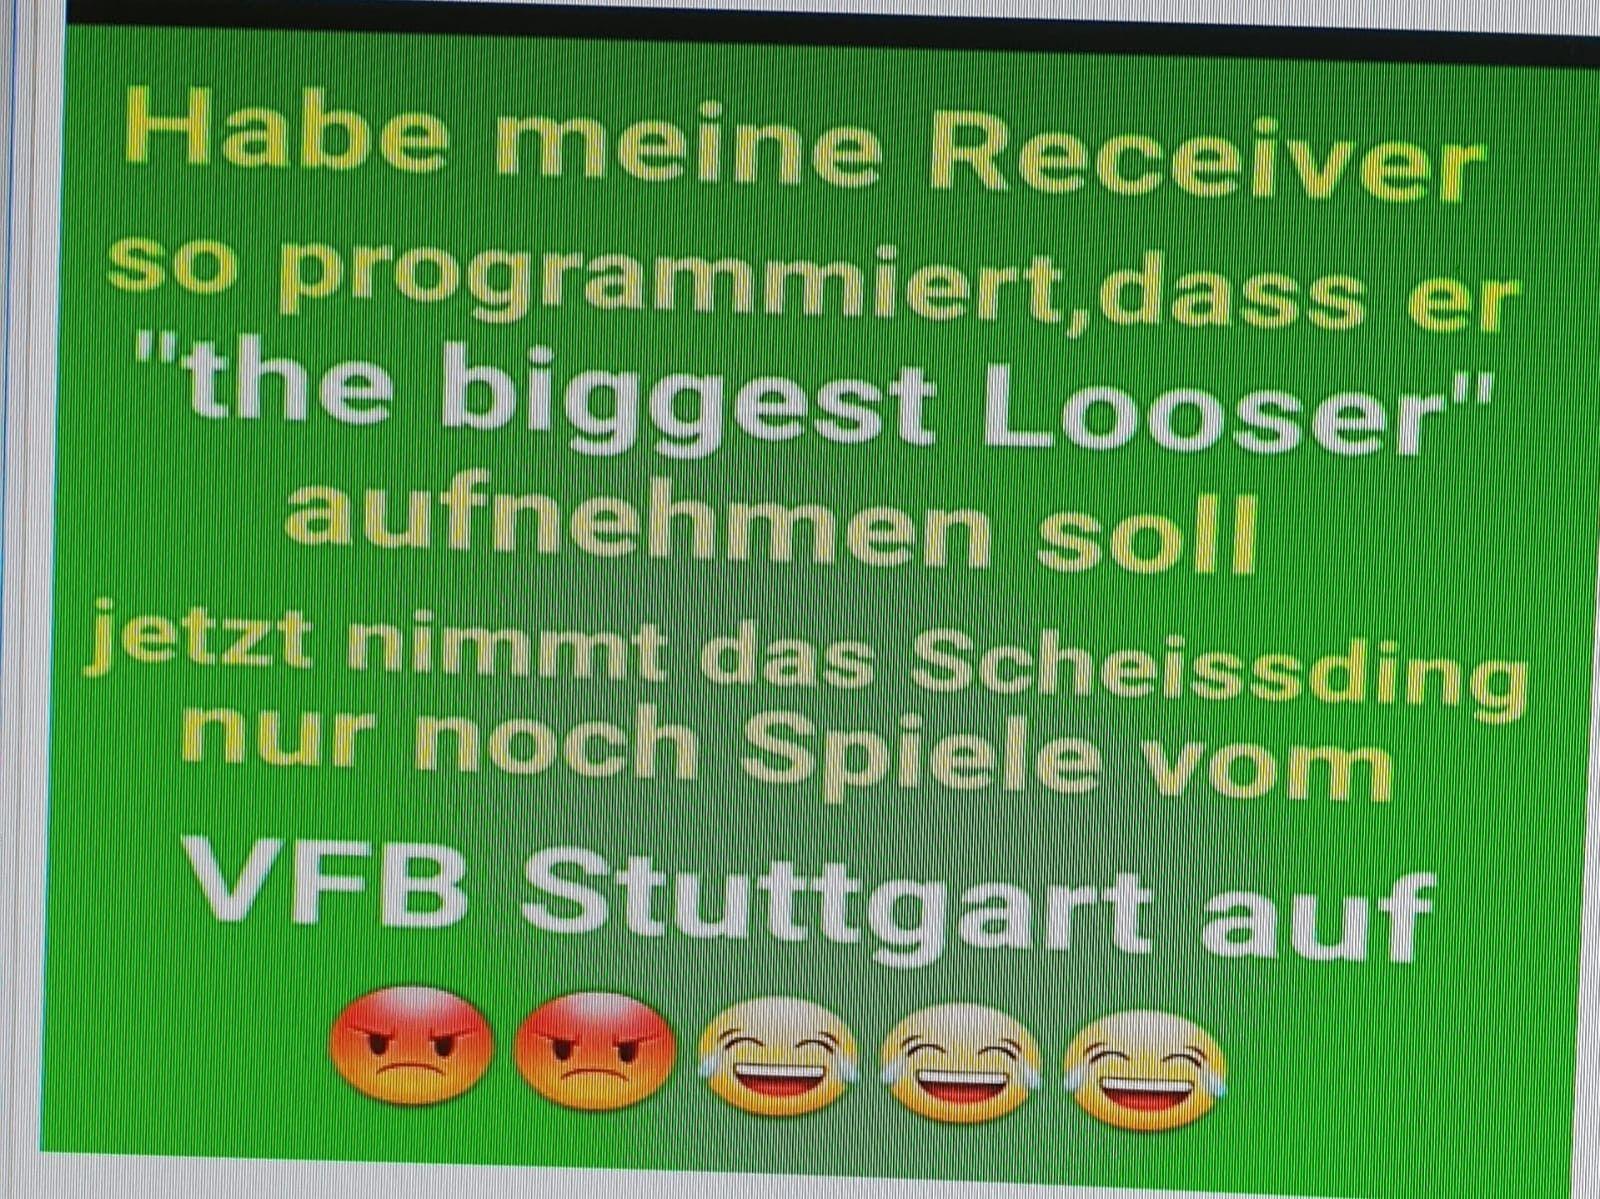 Fussball Lustig Witzig Spruche Bild Bilder Vfb Vfb